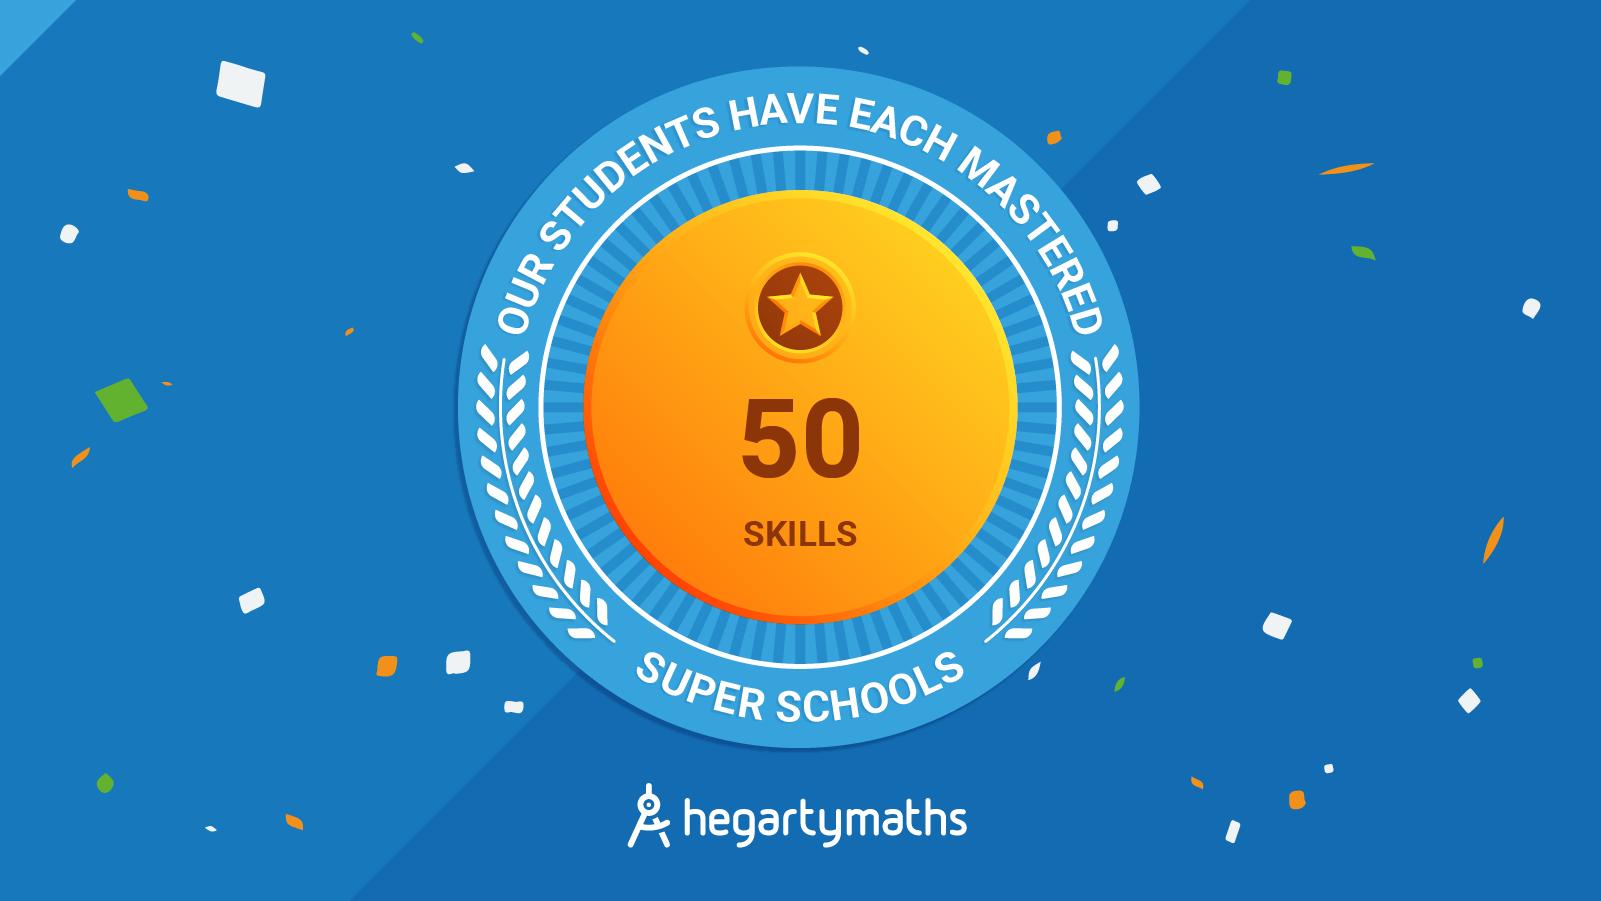 HegartyMaths Super School!